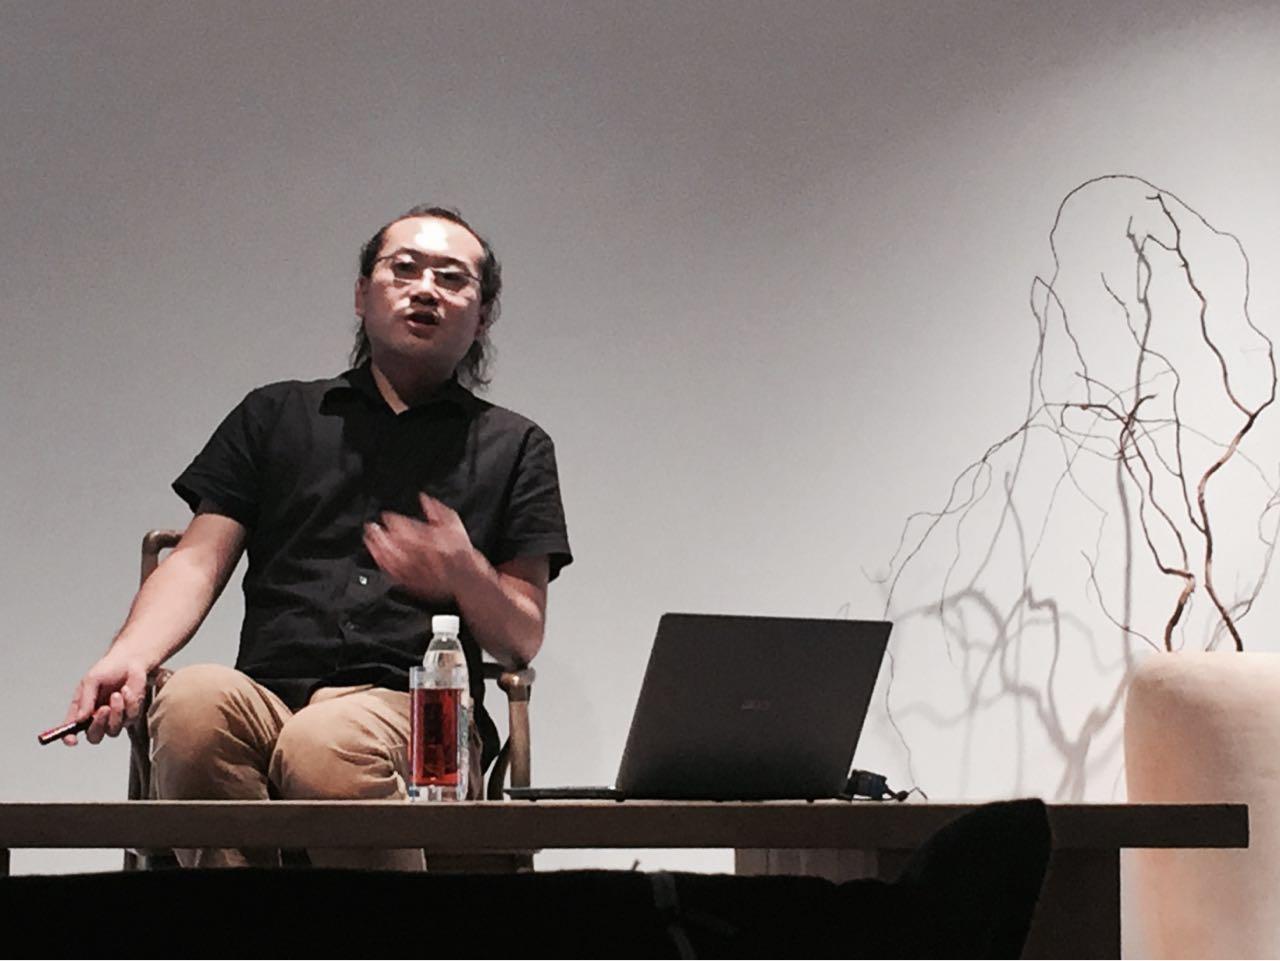 深圳-西方美术史与鉴赏(公益讲座)-周末去哪儿图片